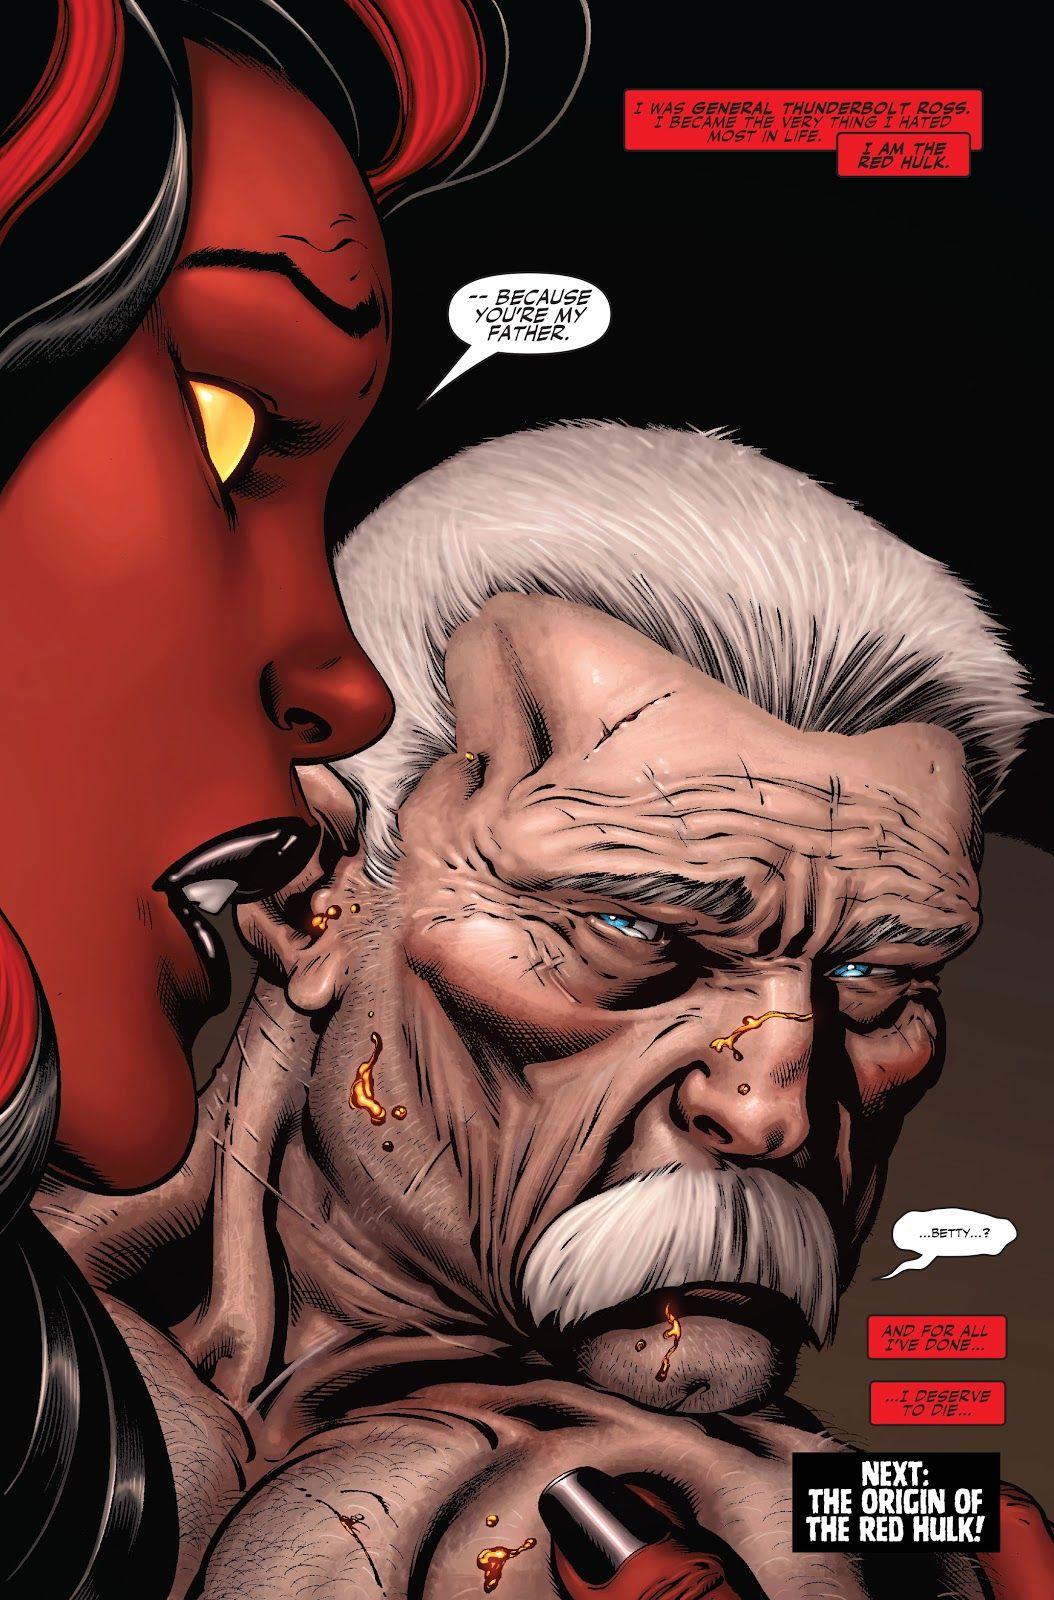 Olhando para trás: A identidade do Hulk Vermelho é finalmente revelada 6